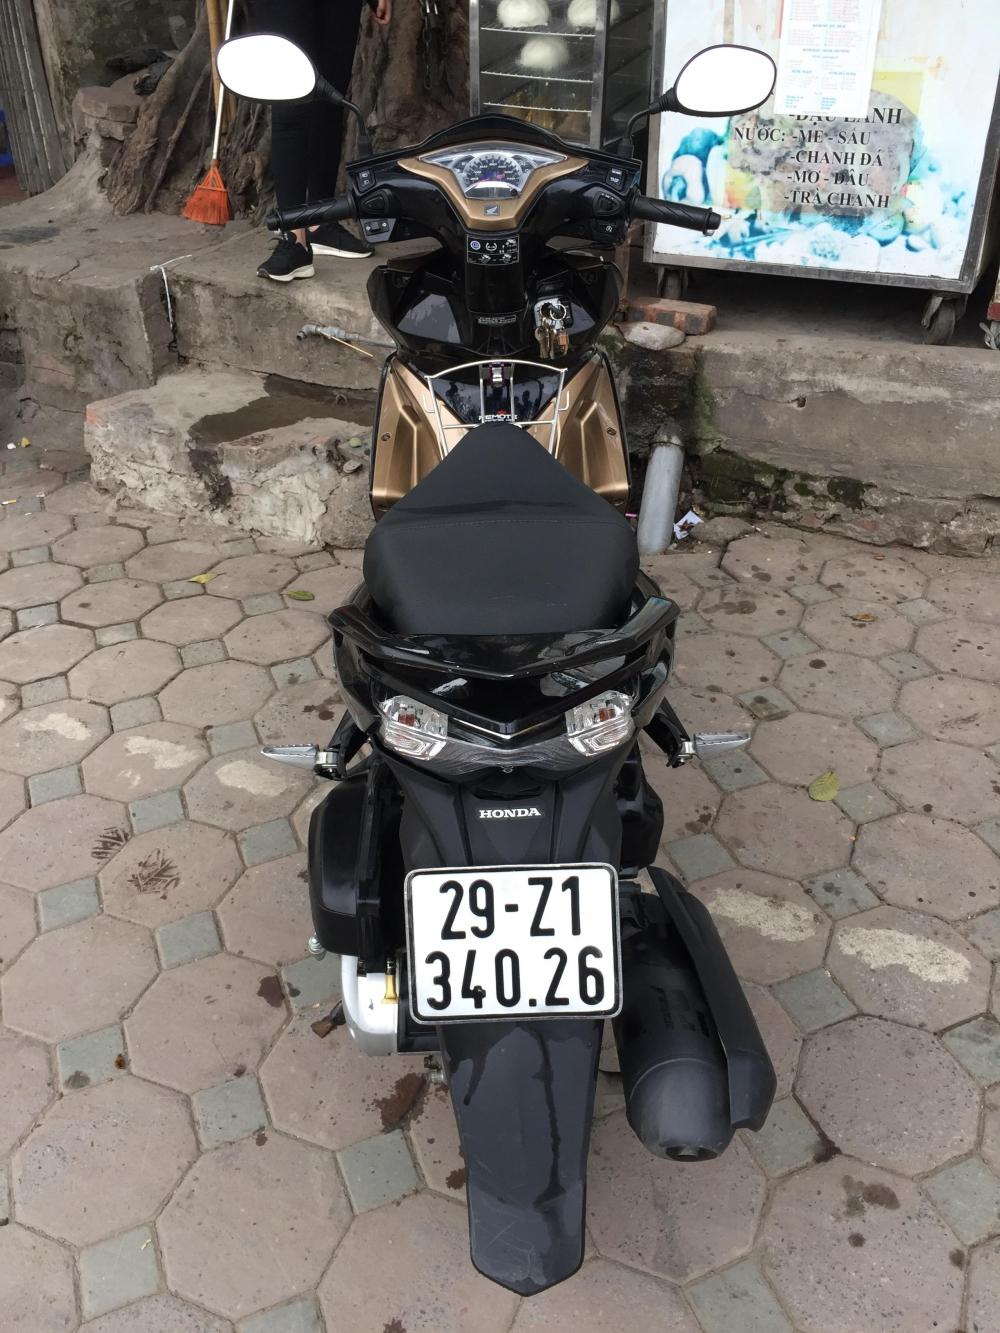 Ban xe Honda Air Blade 2015 bien Ha Noi - 6